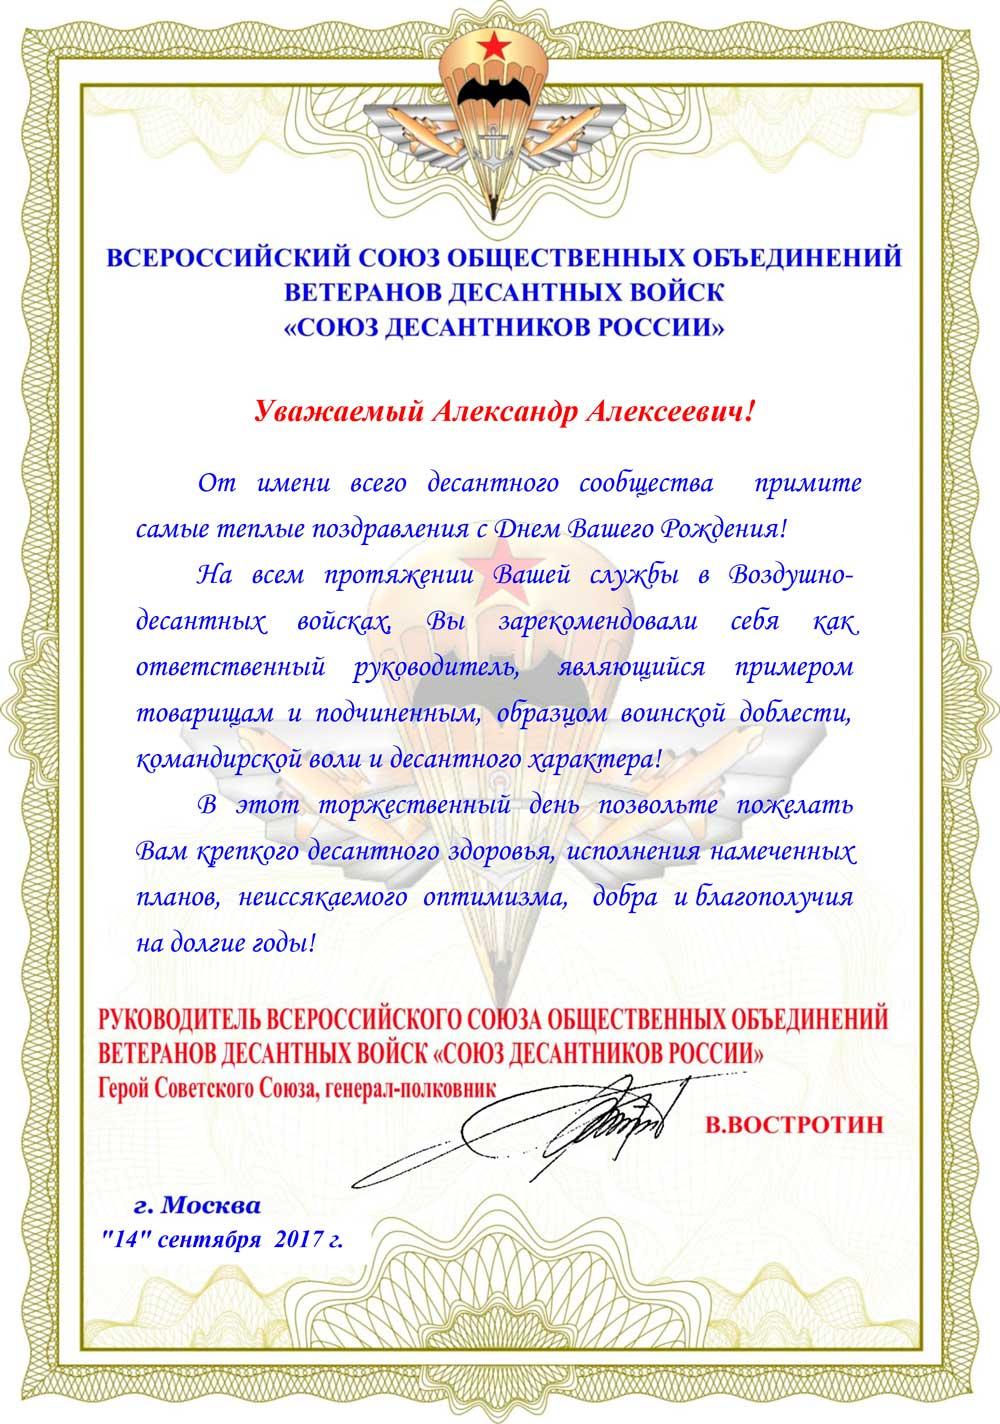 ПОЗДРАВЛЯЕМ С ДНЕМ РОЖДЕНИЯ ПРЕДСЕДАТЕЛЯ НАБЛЮДАТЕЛЬНОГО СОВЕТА СДР генерал-полковника ЧИНДАРОВА АЛЕКСАНДРА АЛЕКСЕЕВИЧА!